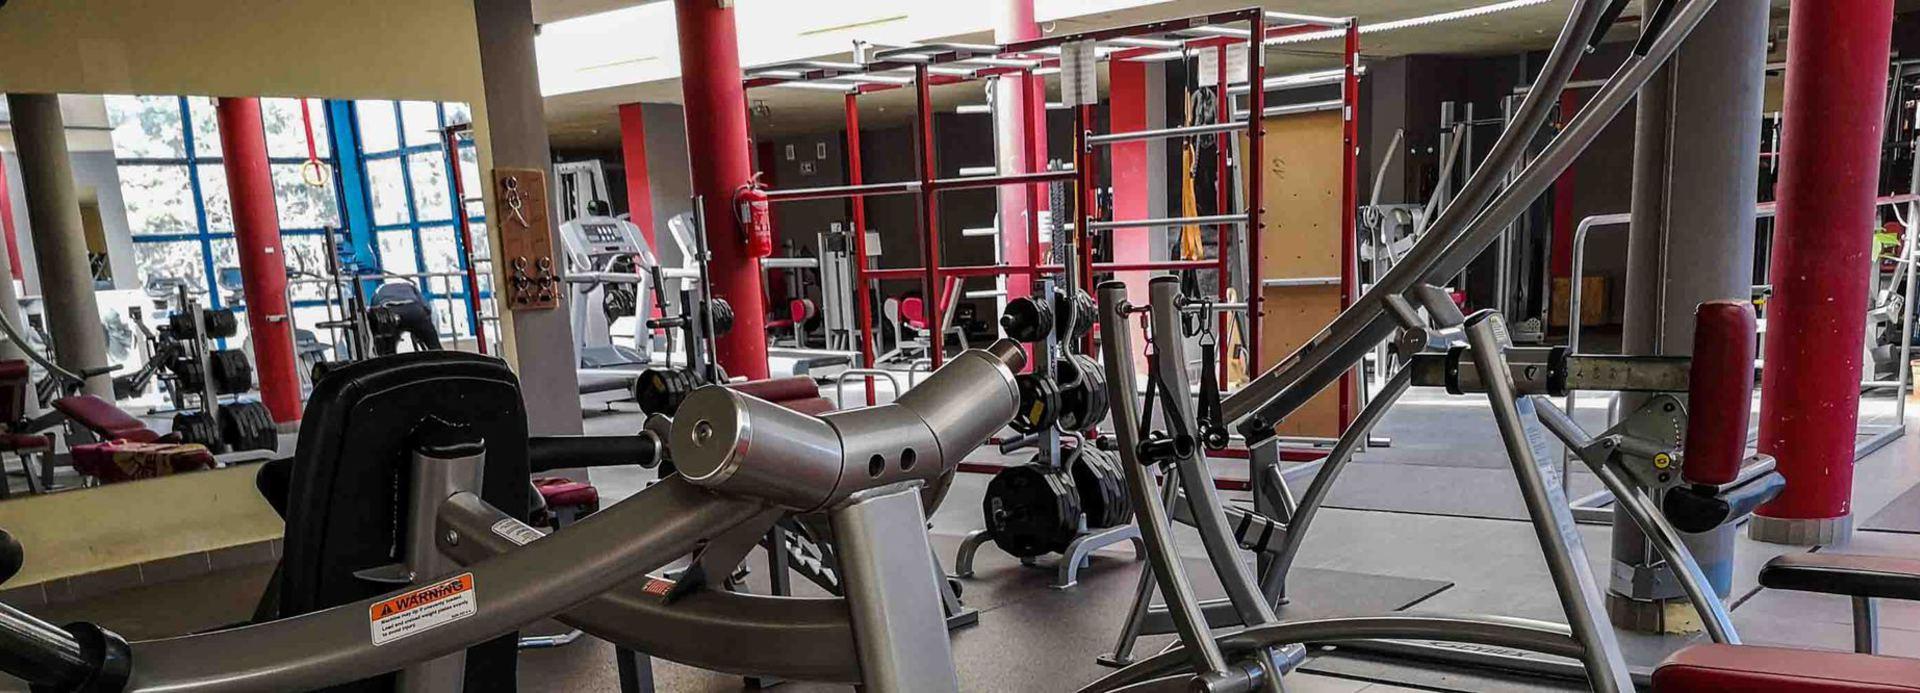 b96d97d6249c Aero Fitness Club - Szombathely